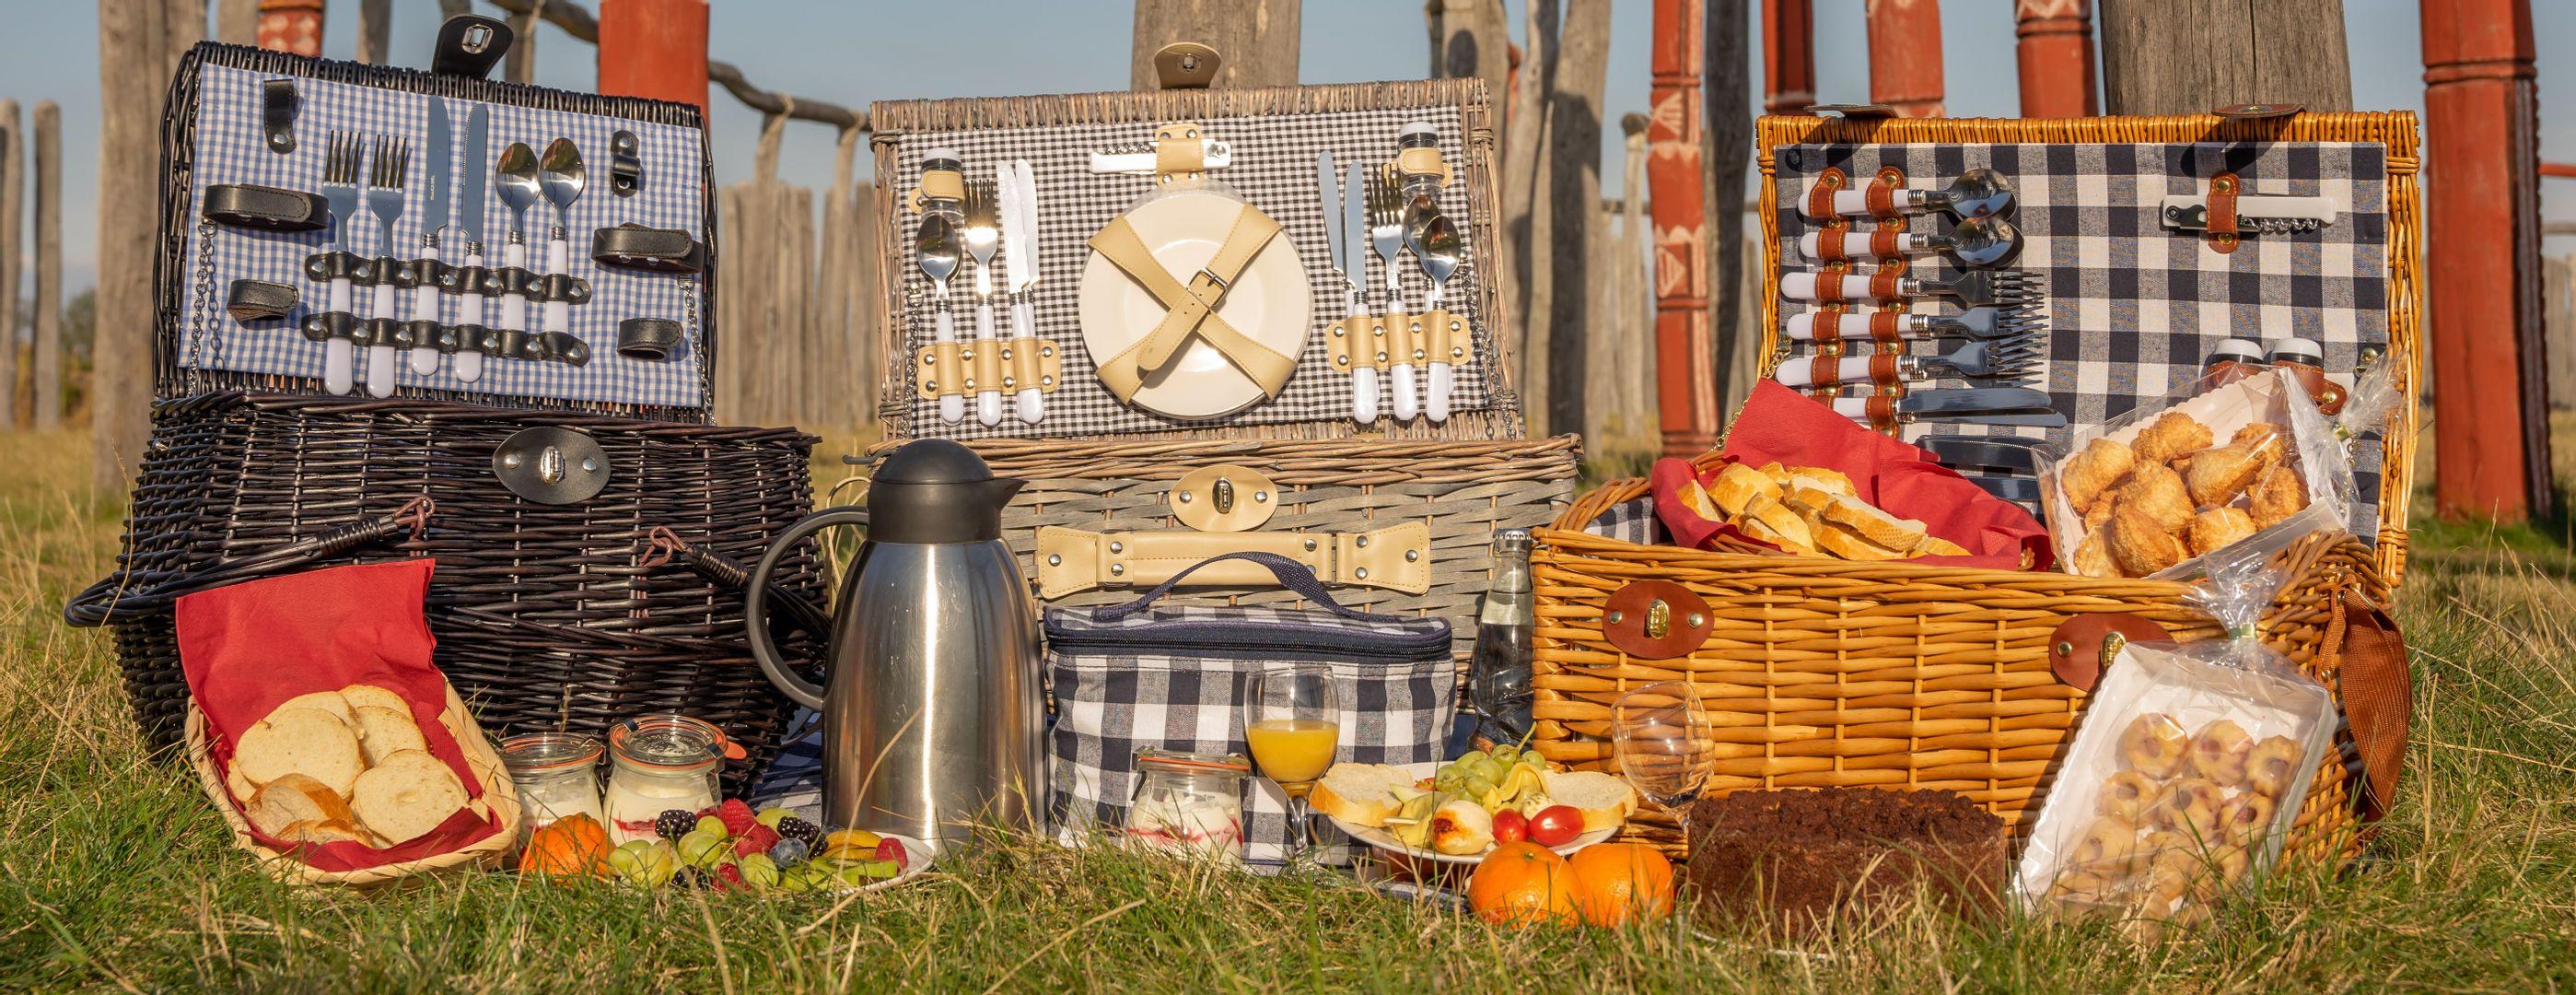 Picknick-Korb | Tourist Event Lammel